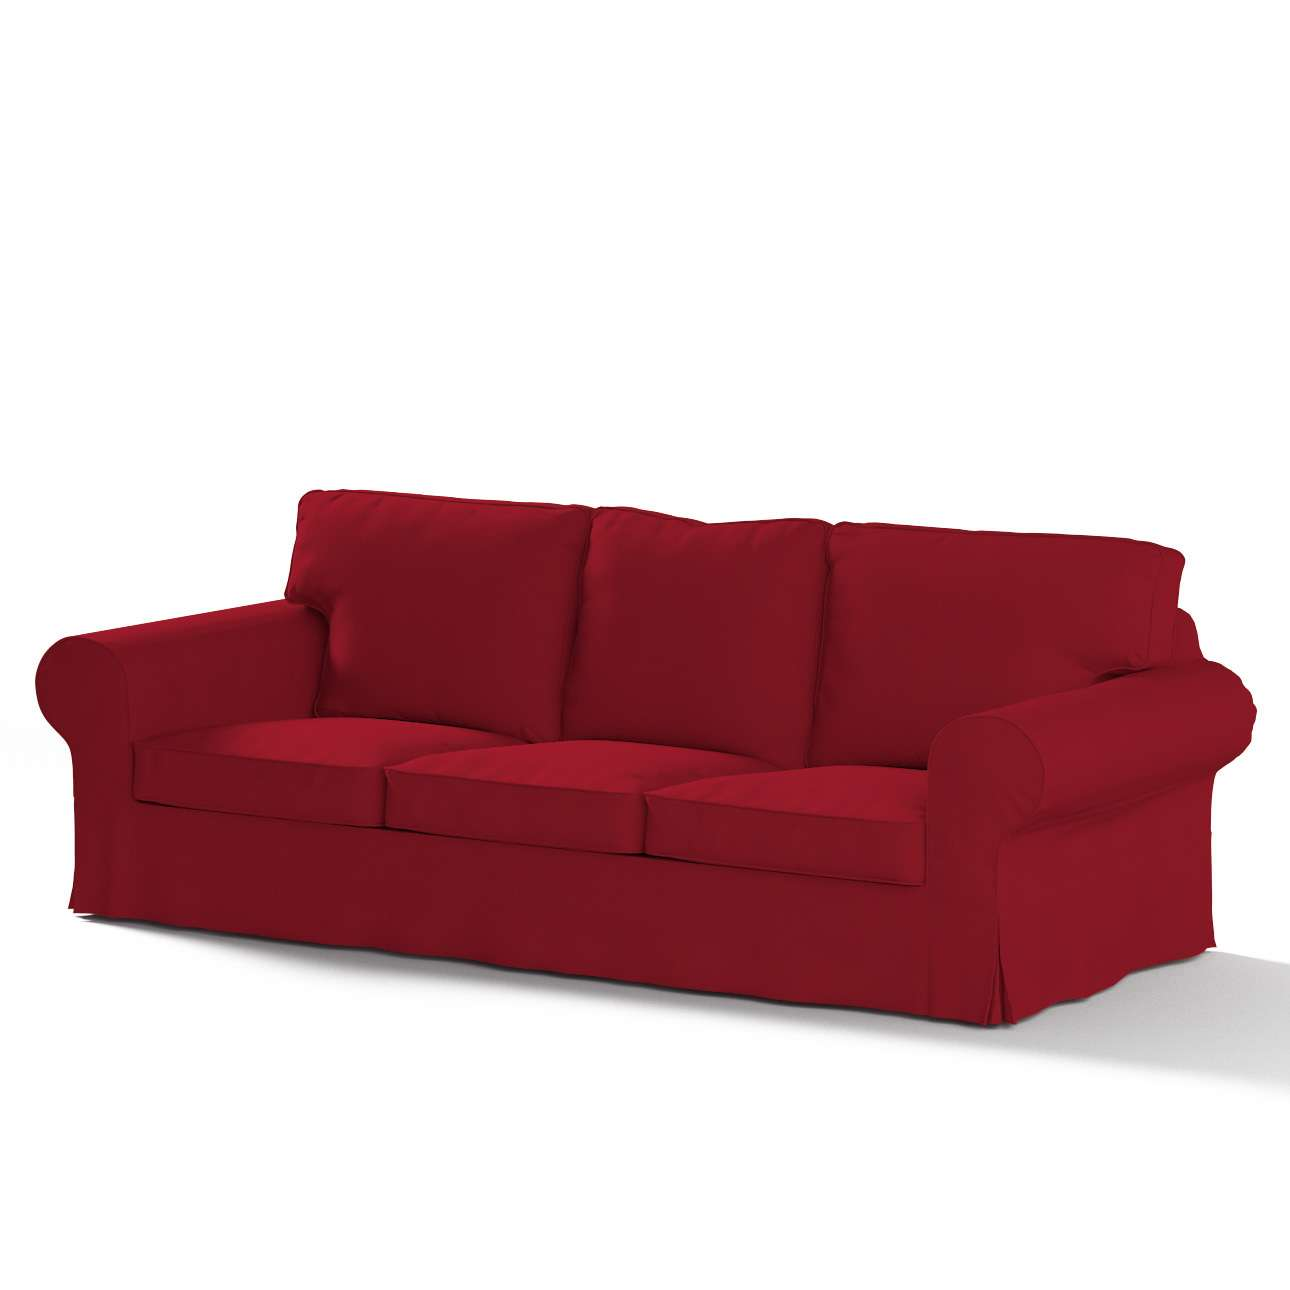 Pokrowiec na sofę Ektorp 3-osobową, rozkładaną, PIXBO w kolekcji Chenille, tkanina: 702-24